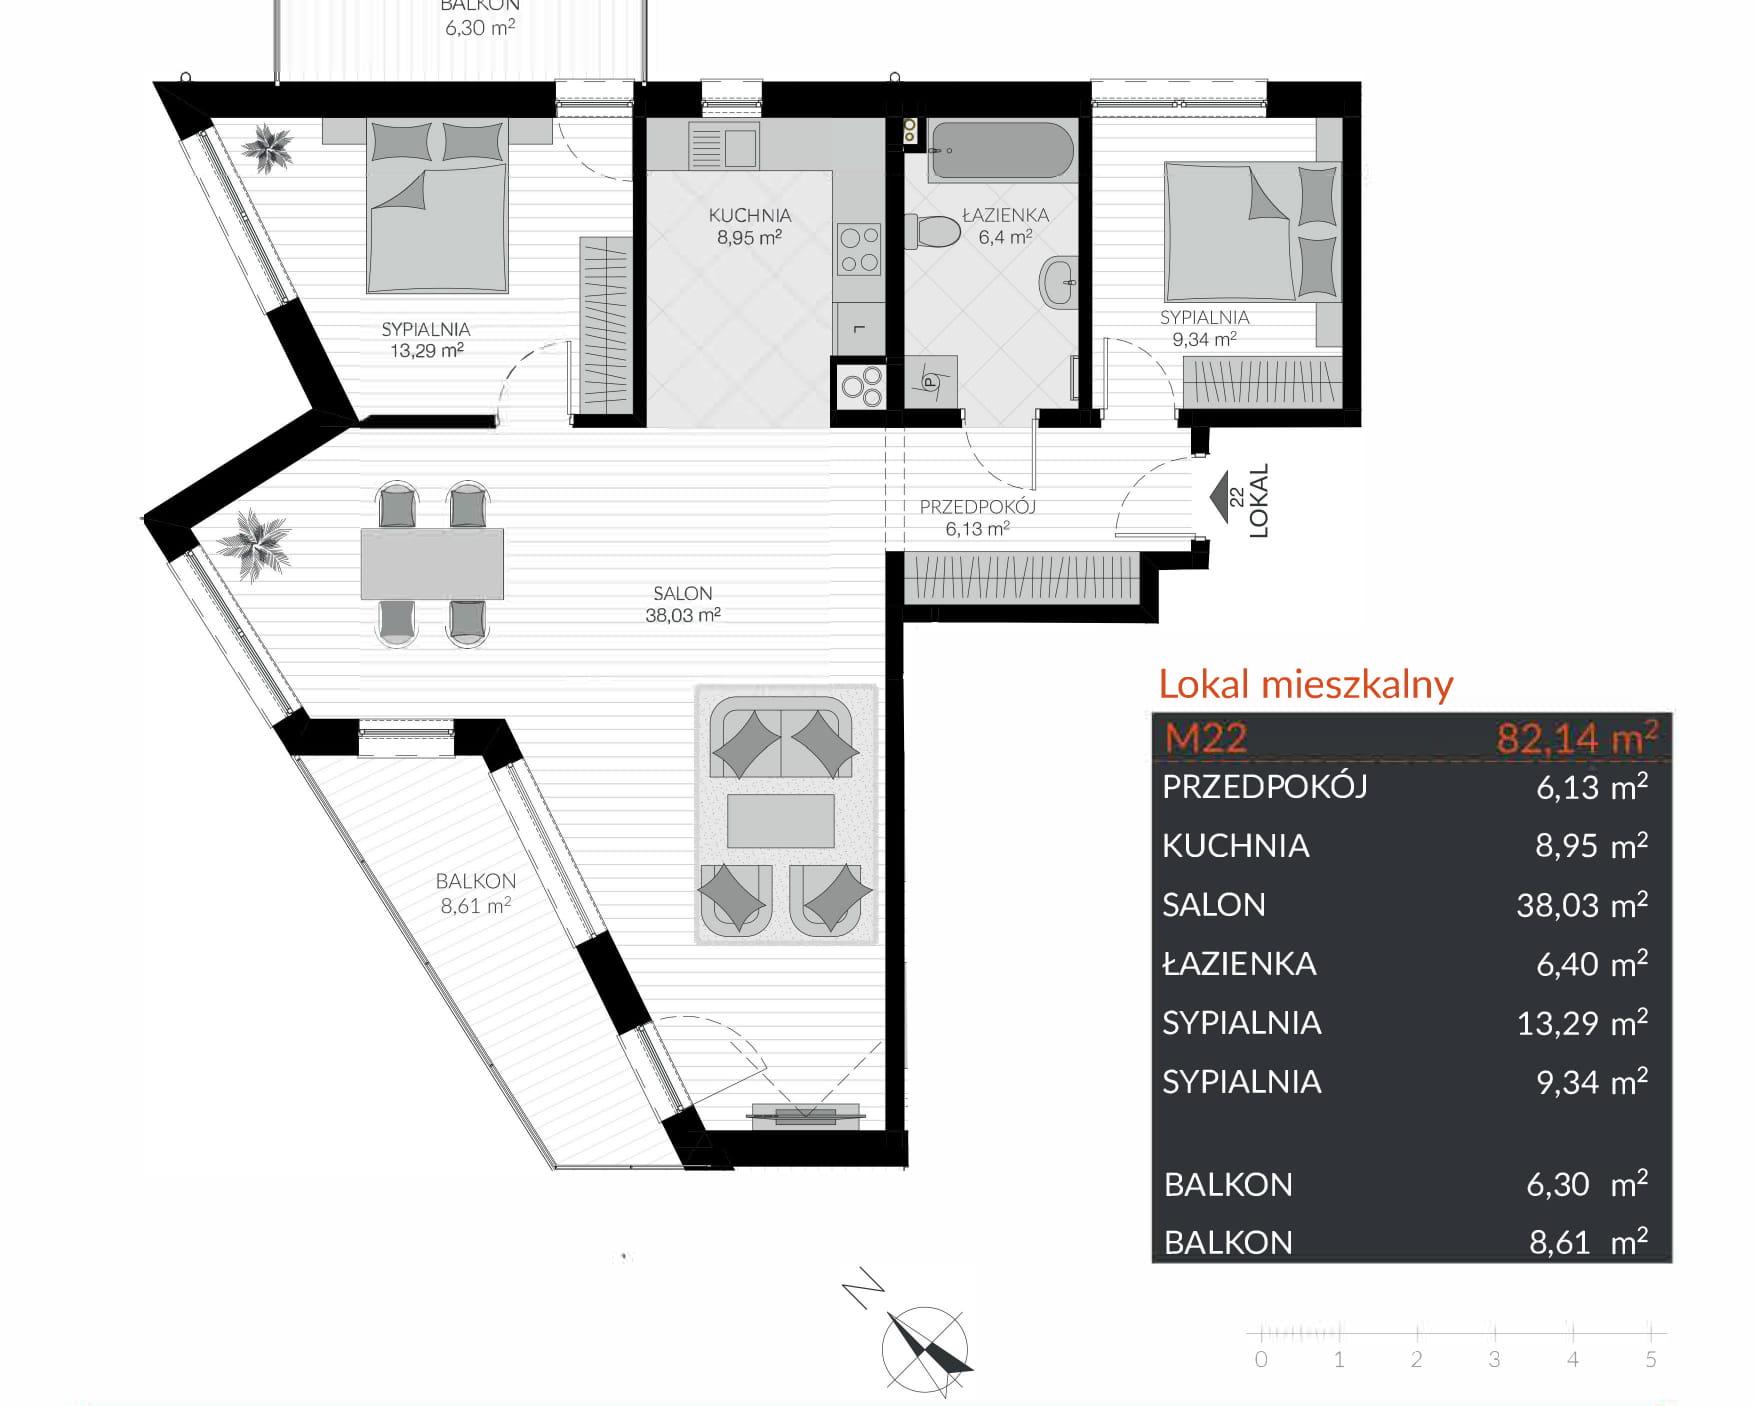 Apartamenty Kamienna / apartamenty inwestycyjne M22 rzut 1